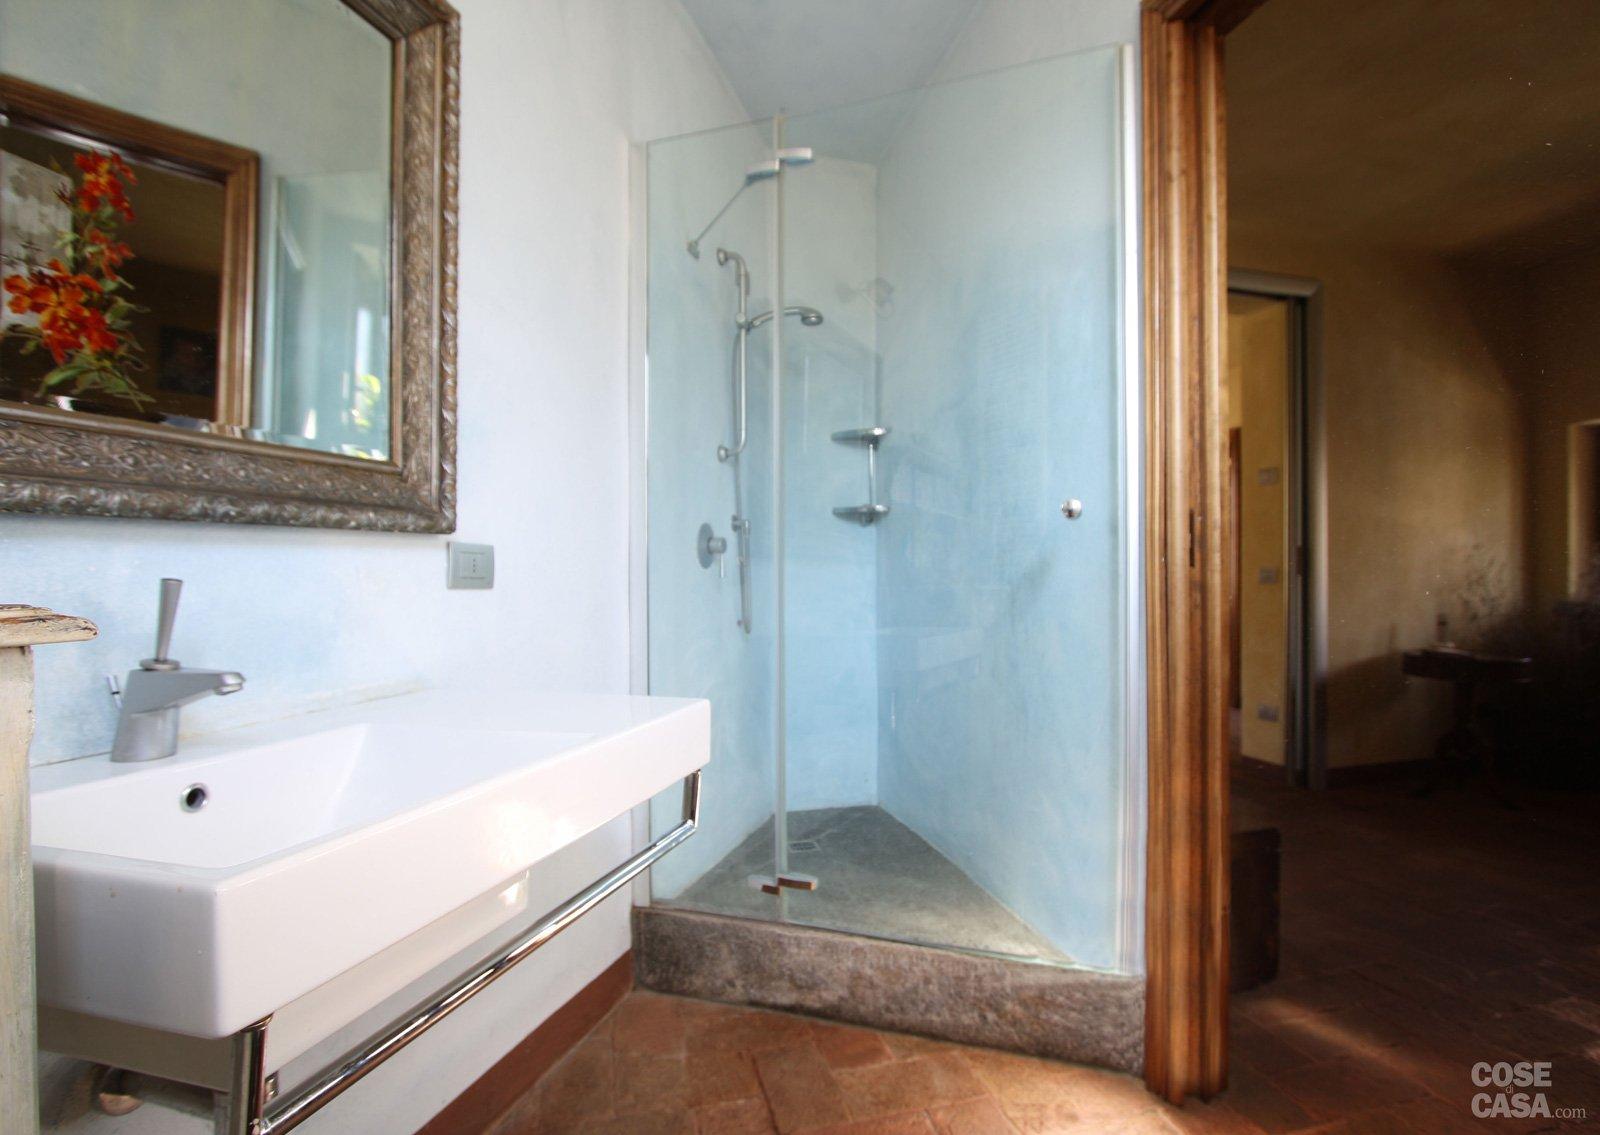 Soffitto Bagno Scrostato: Imbianchino monza e brianza,prezzi ...